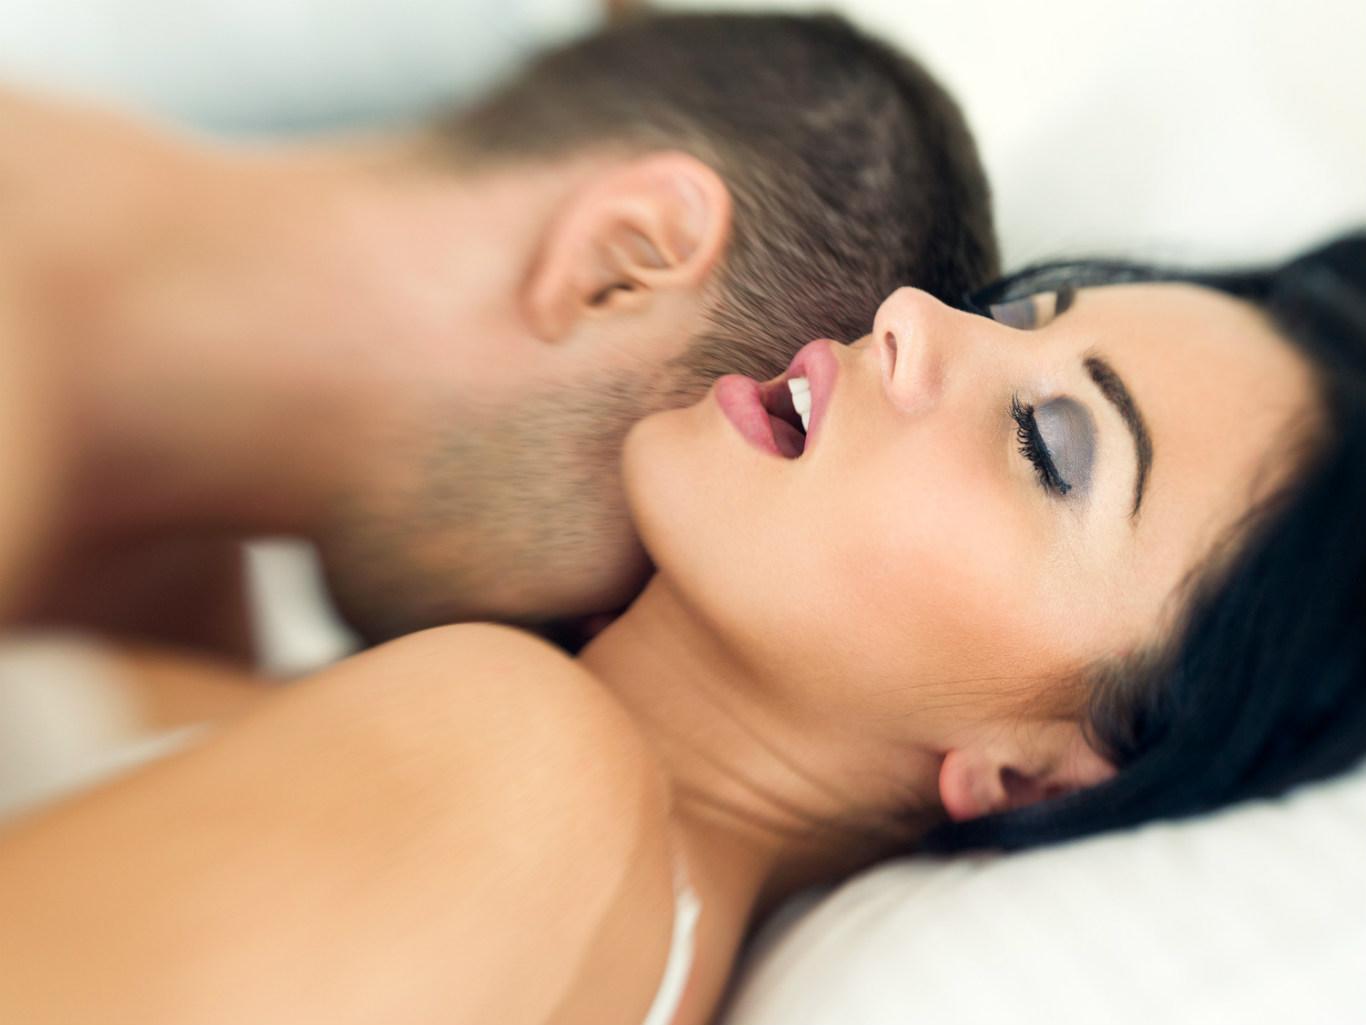 Ласковая секс видео что